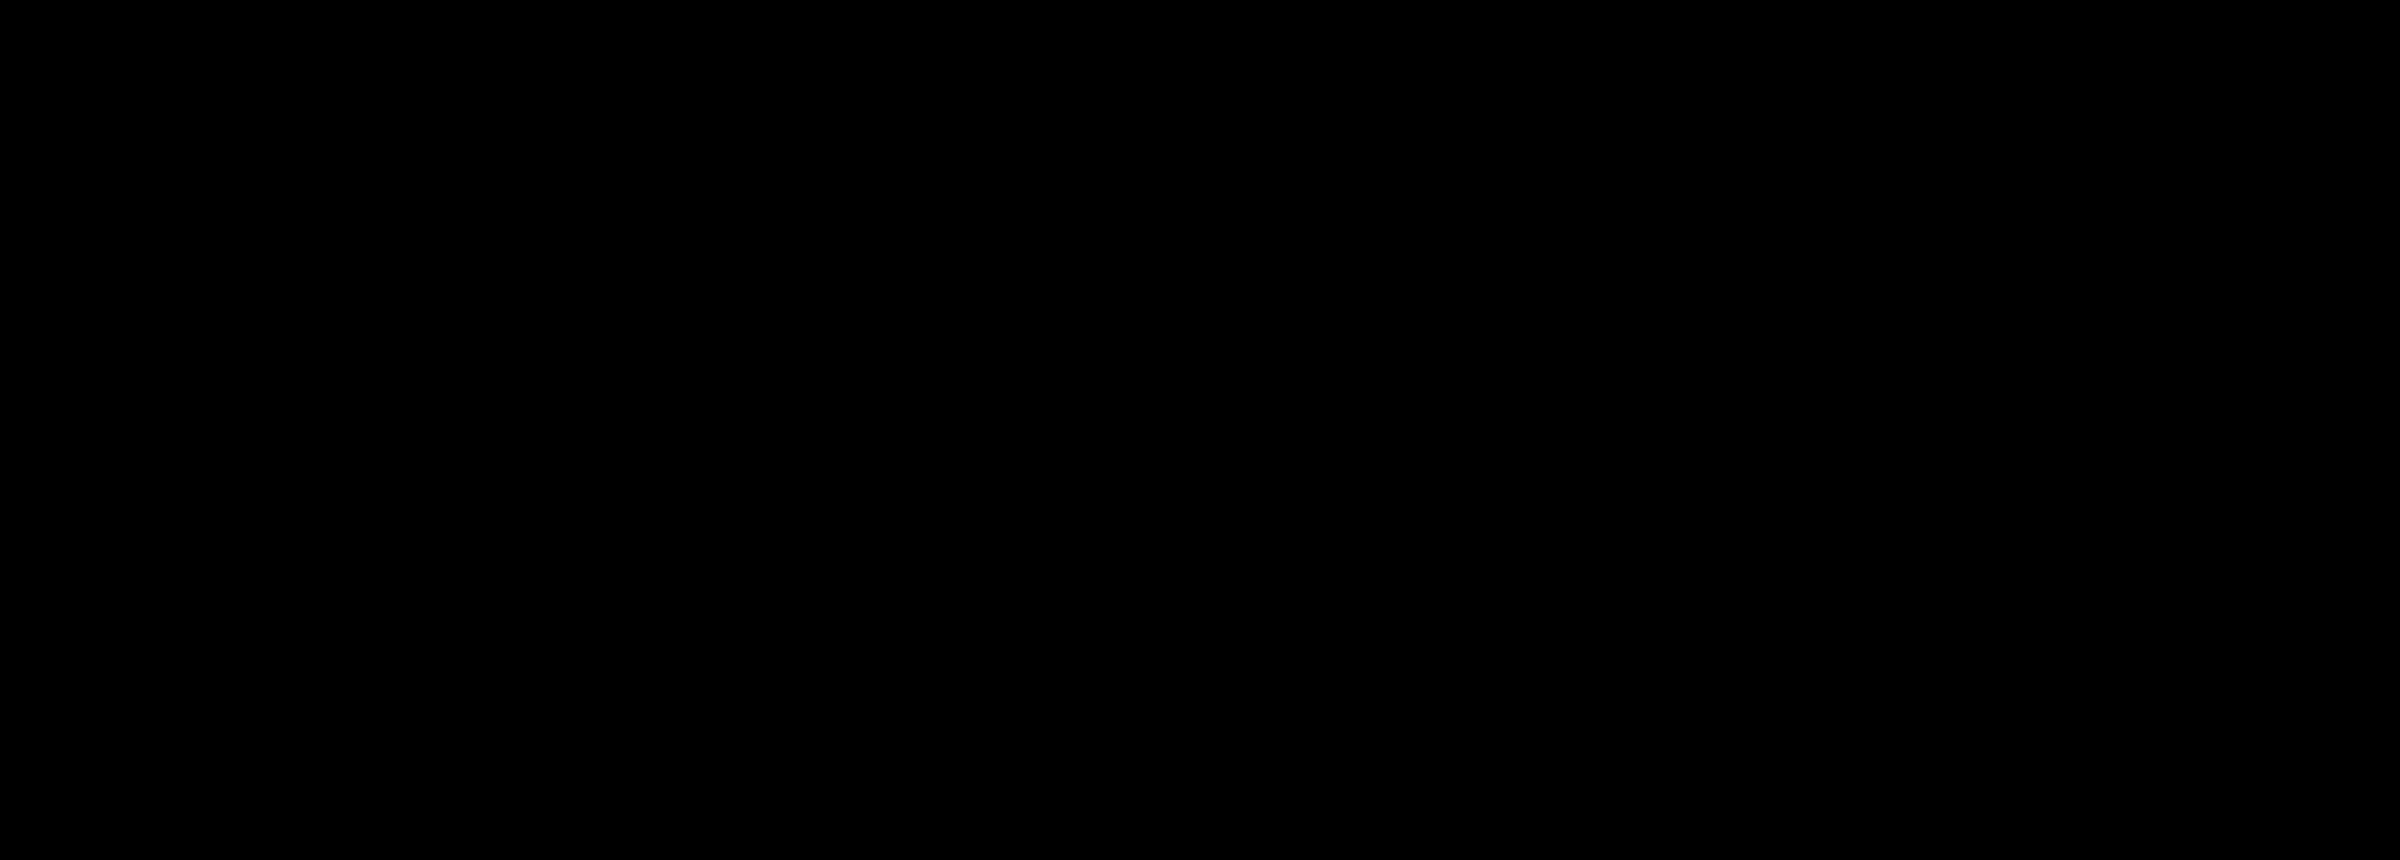 Egyption scarab mark big. Egypt clipart vector